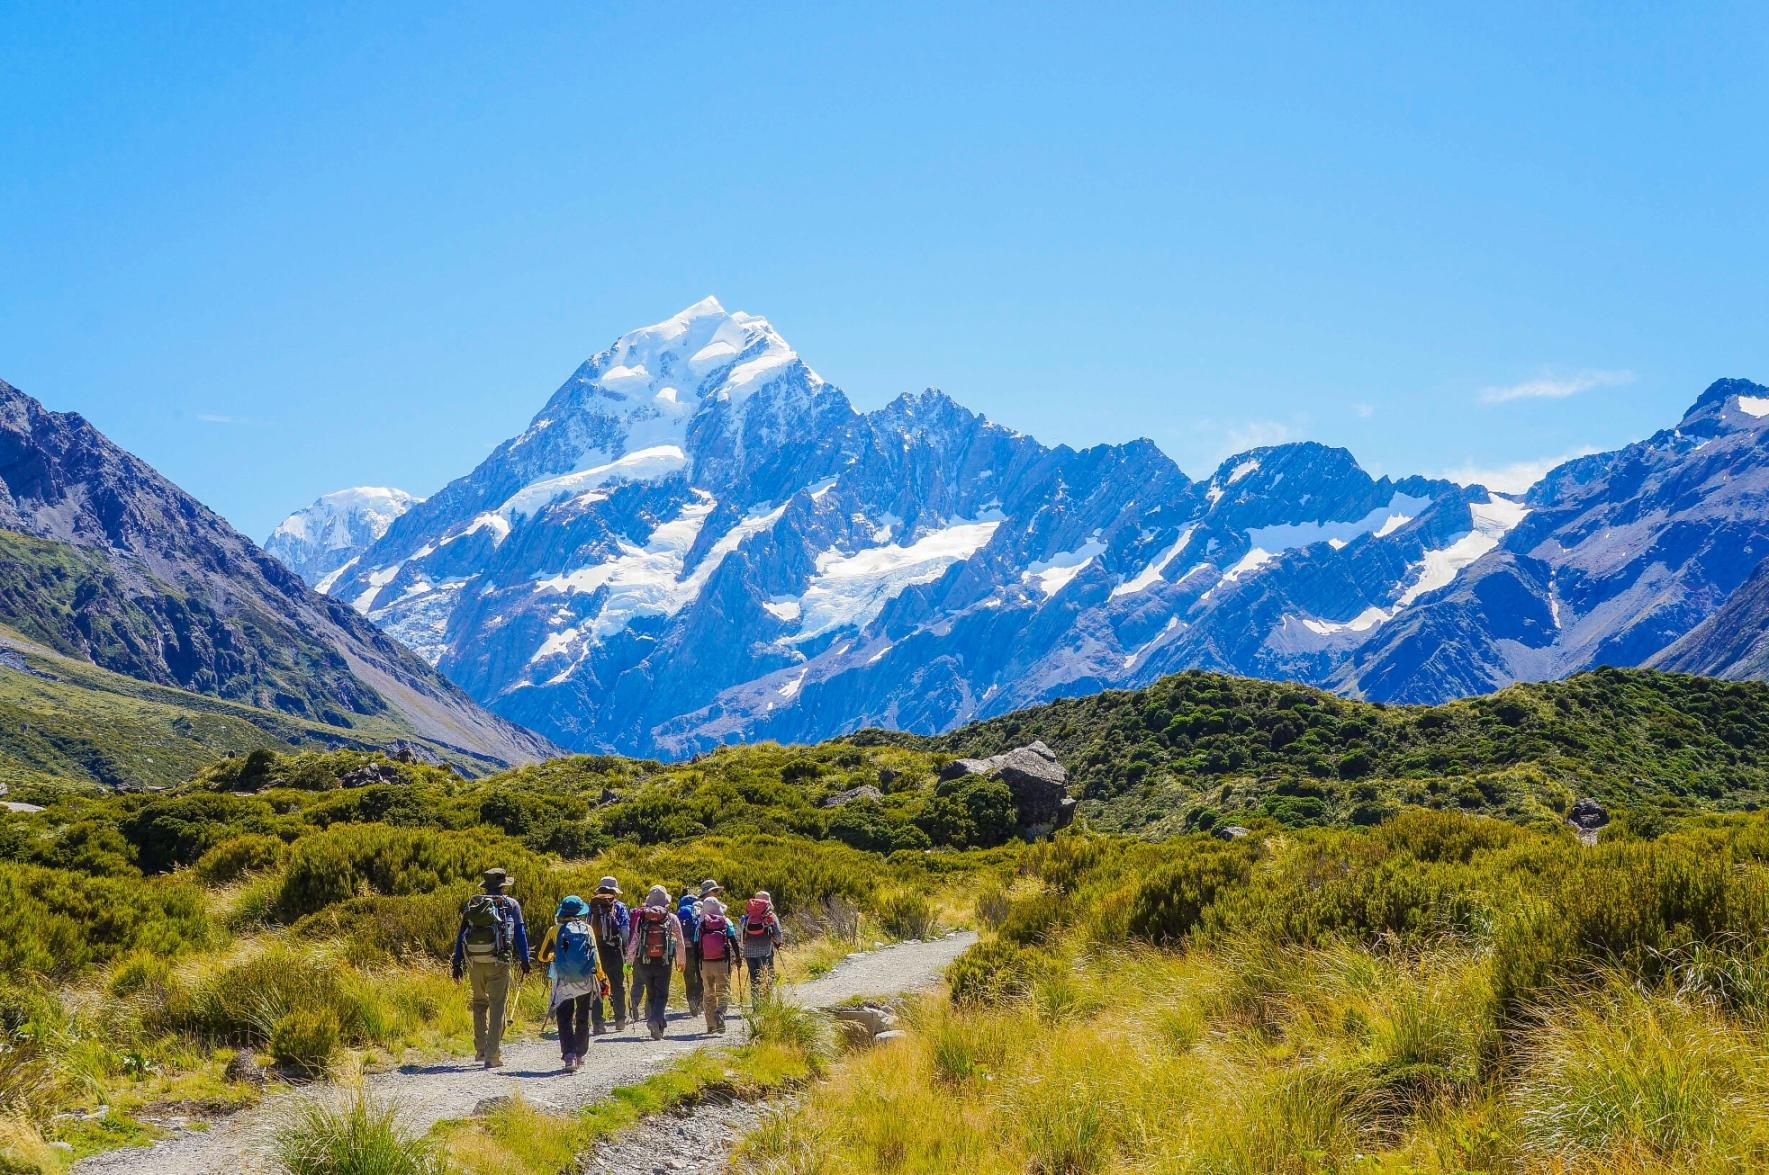 マウントクック山麓のフッカー谷にてマウントクック山麓をハイキング(ニュージーランド)